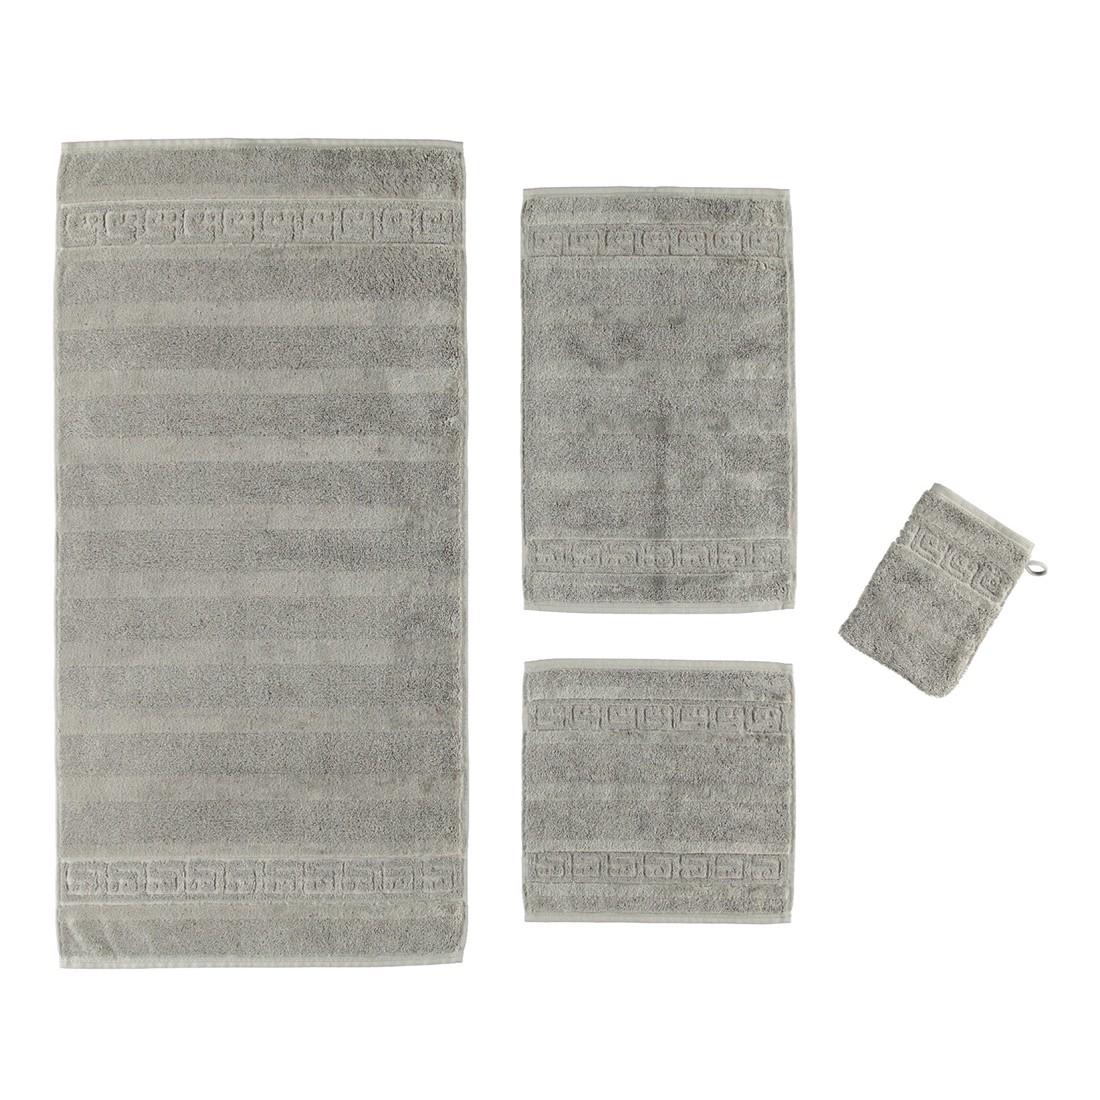 Handtuch Noblesse – 100% Baumwolle graphit – 779 – Duschtuch: 80 x 160 cm, Cawö günstig online kaufen